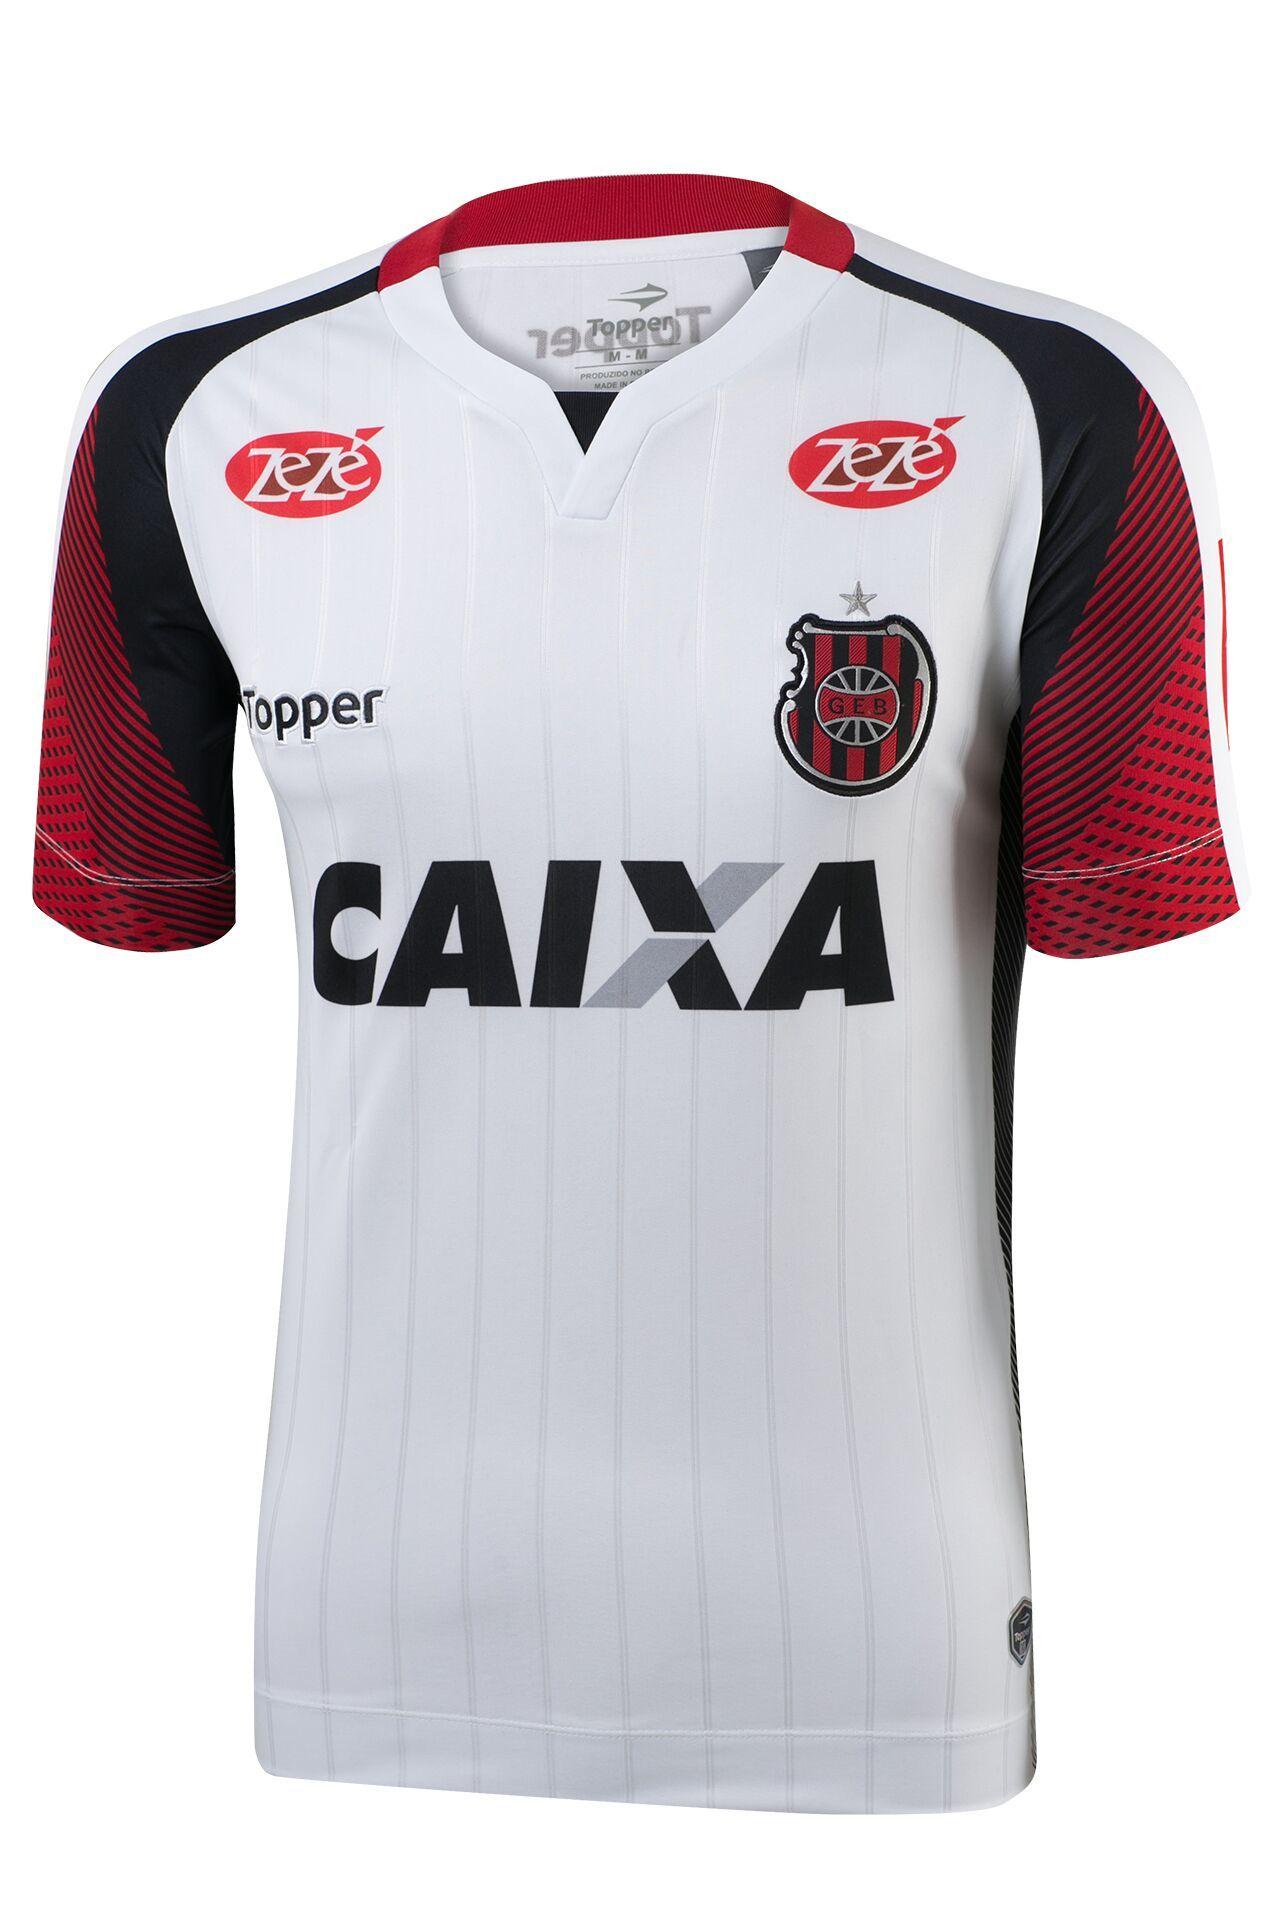 4cebddf195 Brasil de Pelotas lança novas camisas 1 e 2 para 2017 18